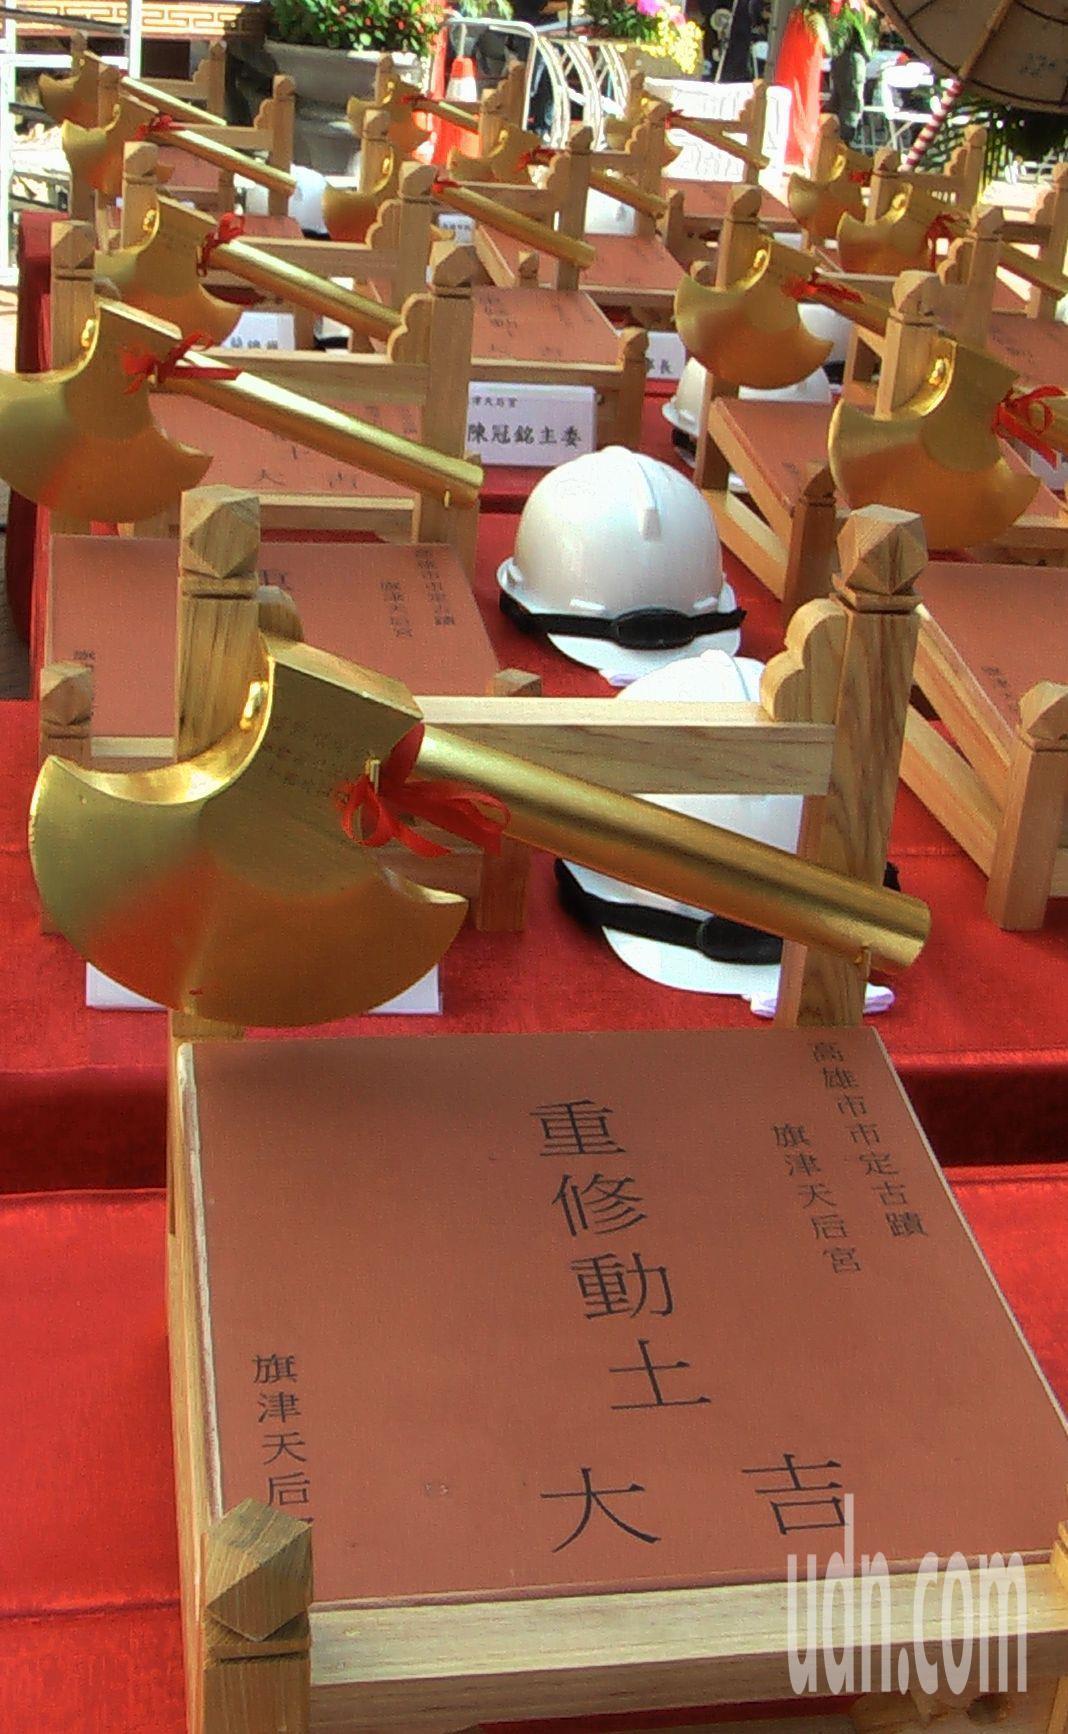 旗後天后宮特別準備傳統工程動土用具,金斧象徵神器。記者徐如宜/攝影